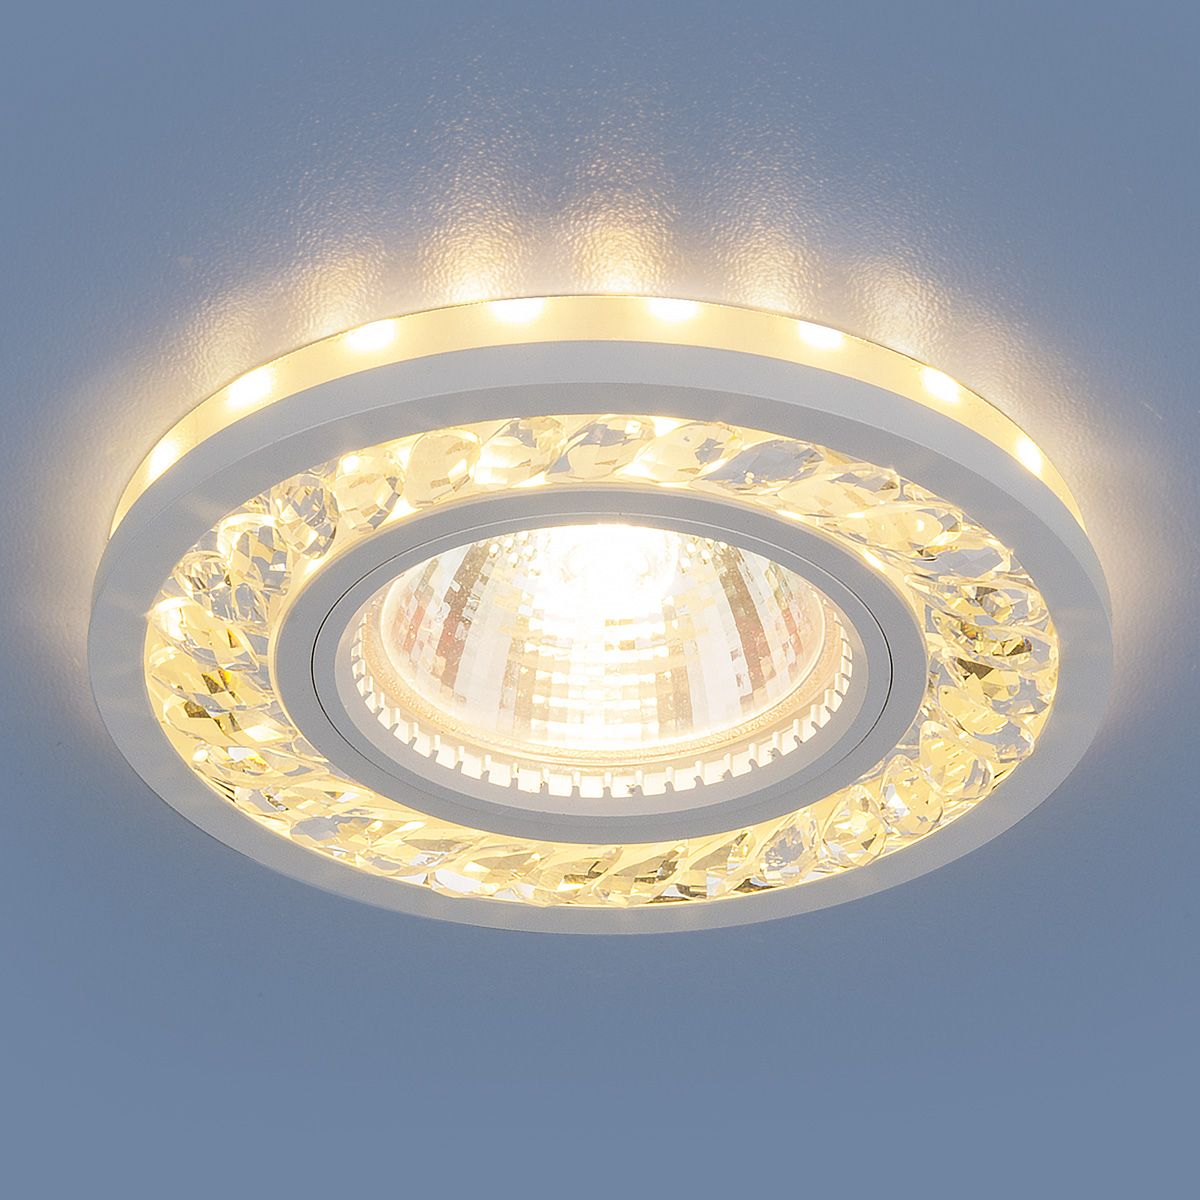 Точечный светильник с LED подсветкой 8355 MR16 CL/WH прозрачный/белый